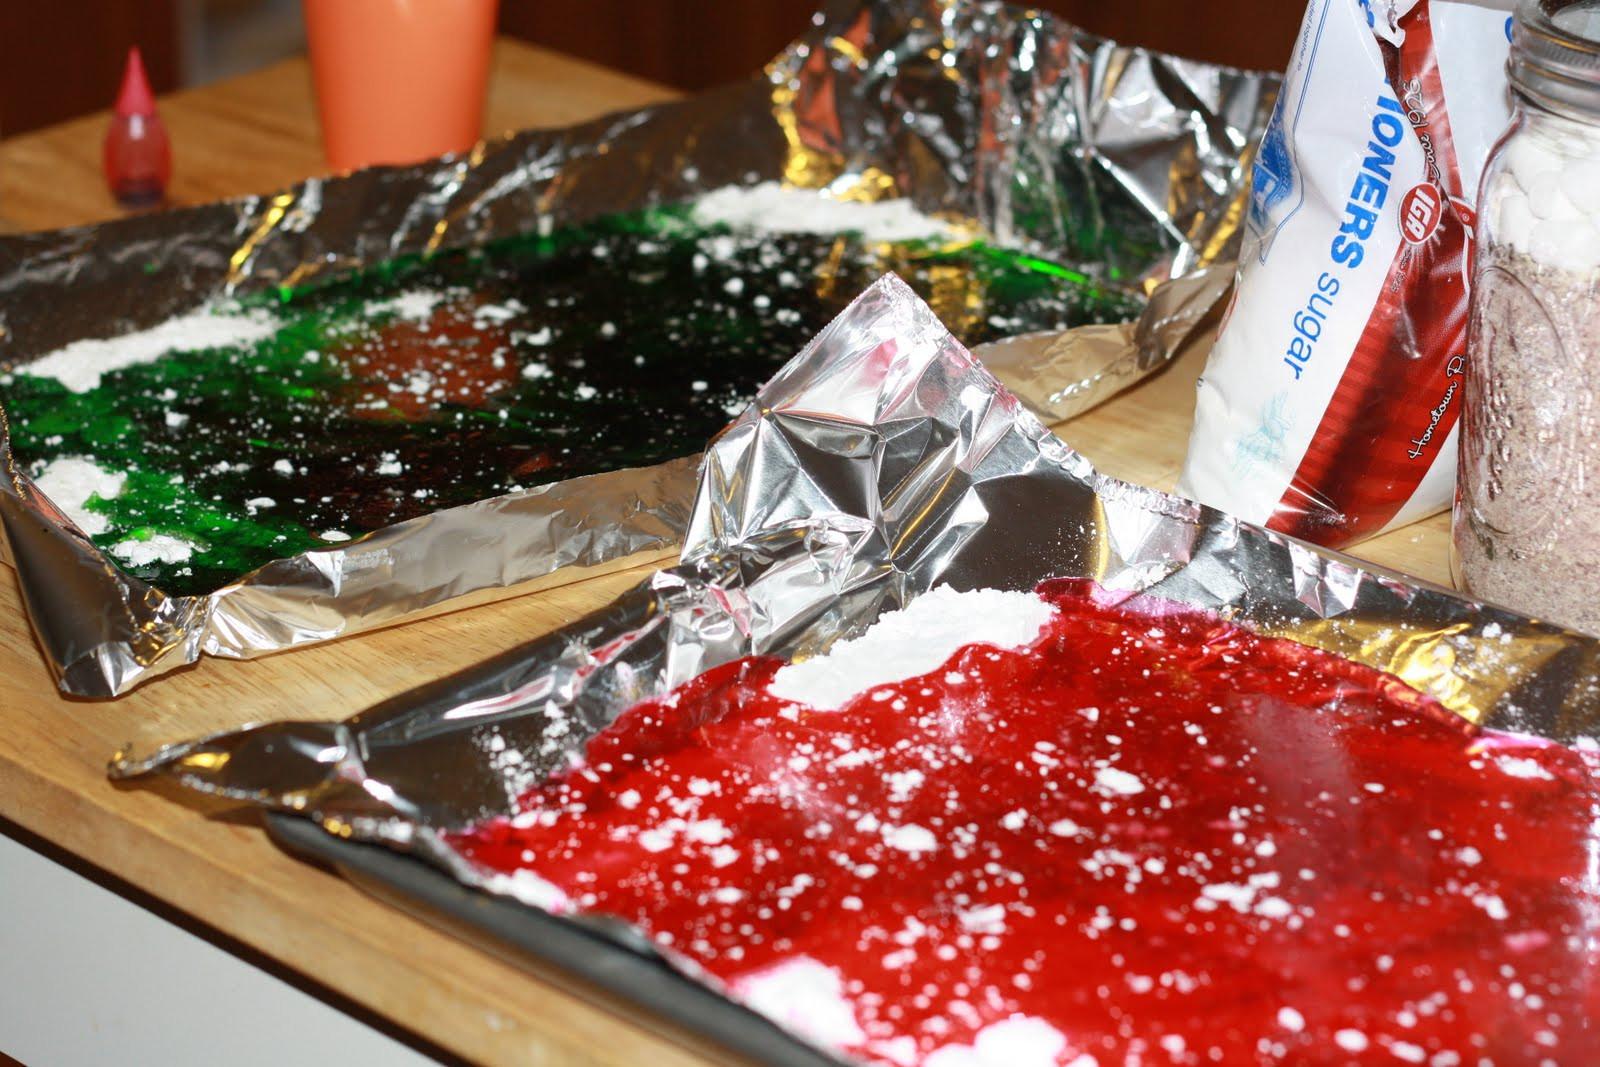 Hard Christmas Candy Recipe  Recipes Book Reviews Bzz Reporting etc Homemade